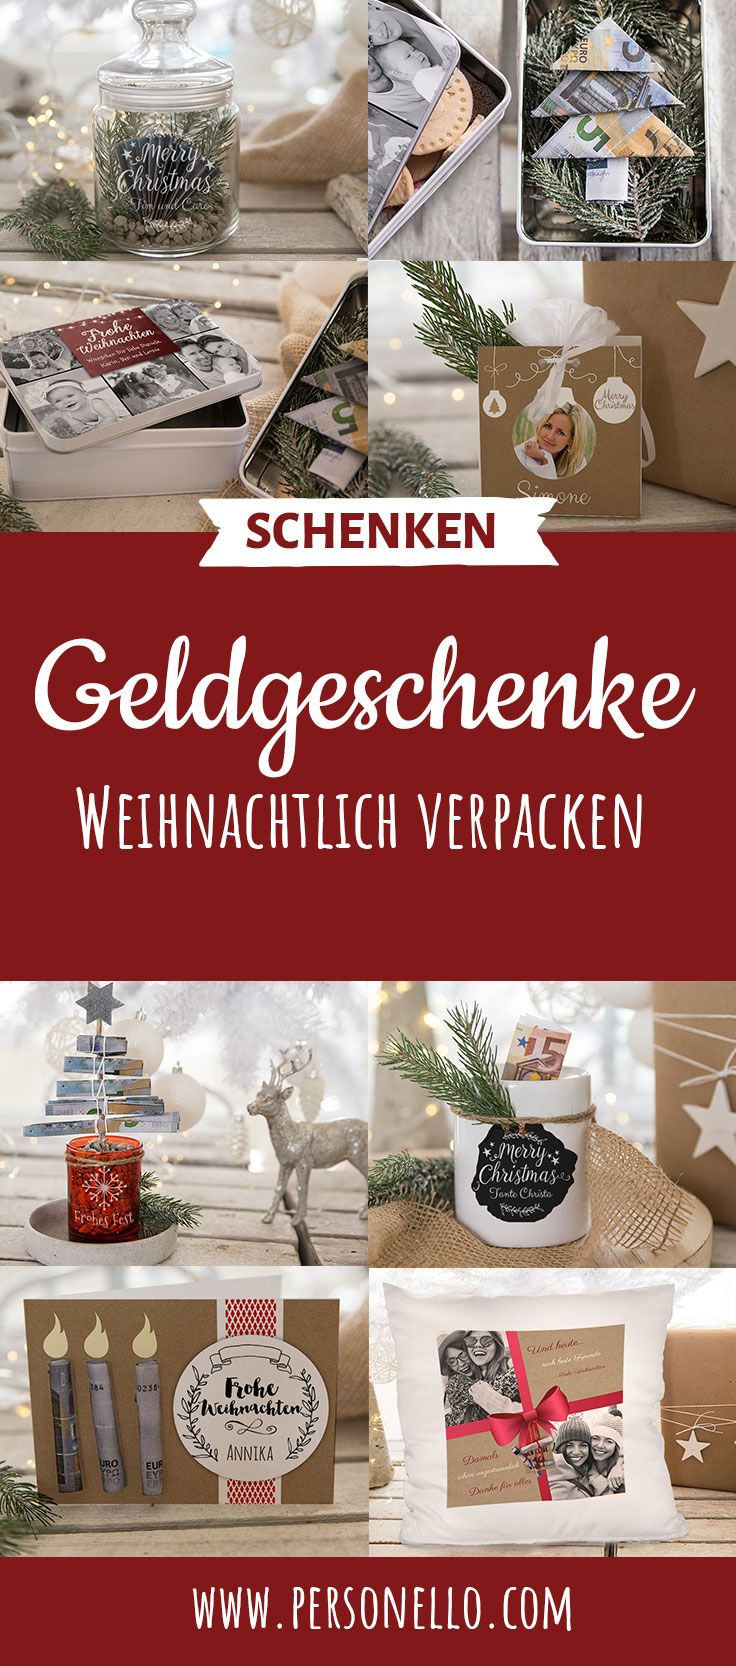 Geldgeschenke Weihnachtlich Verpacken Weihnachtsgeschenke Du